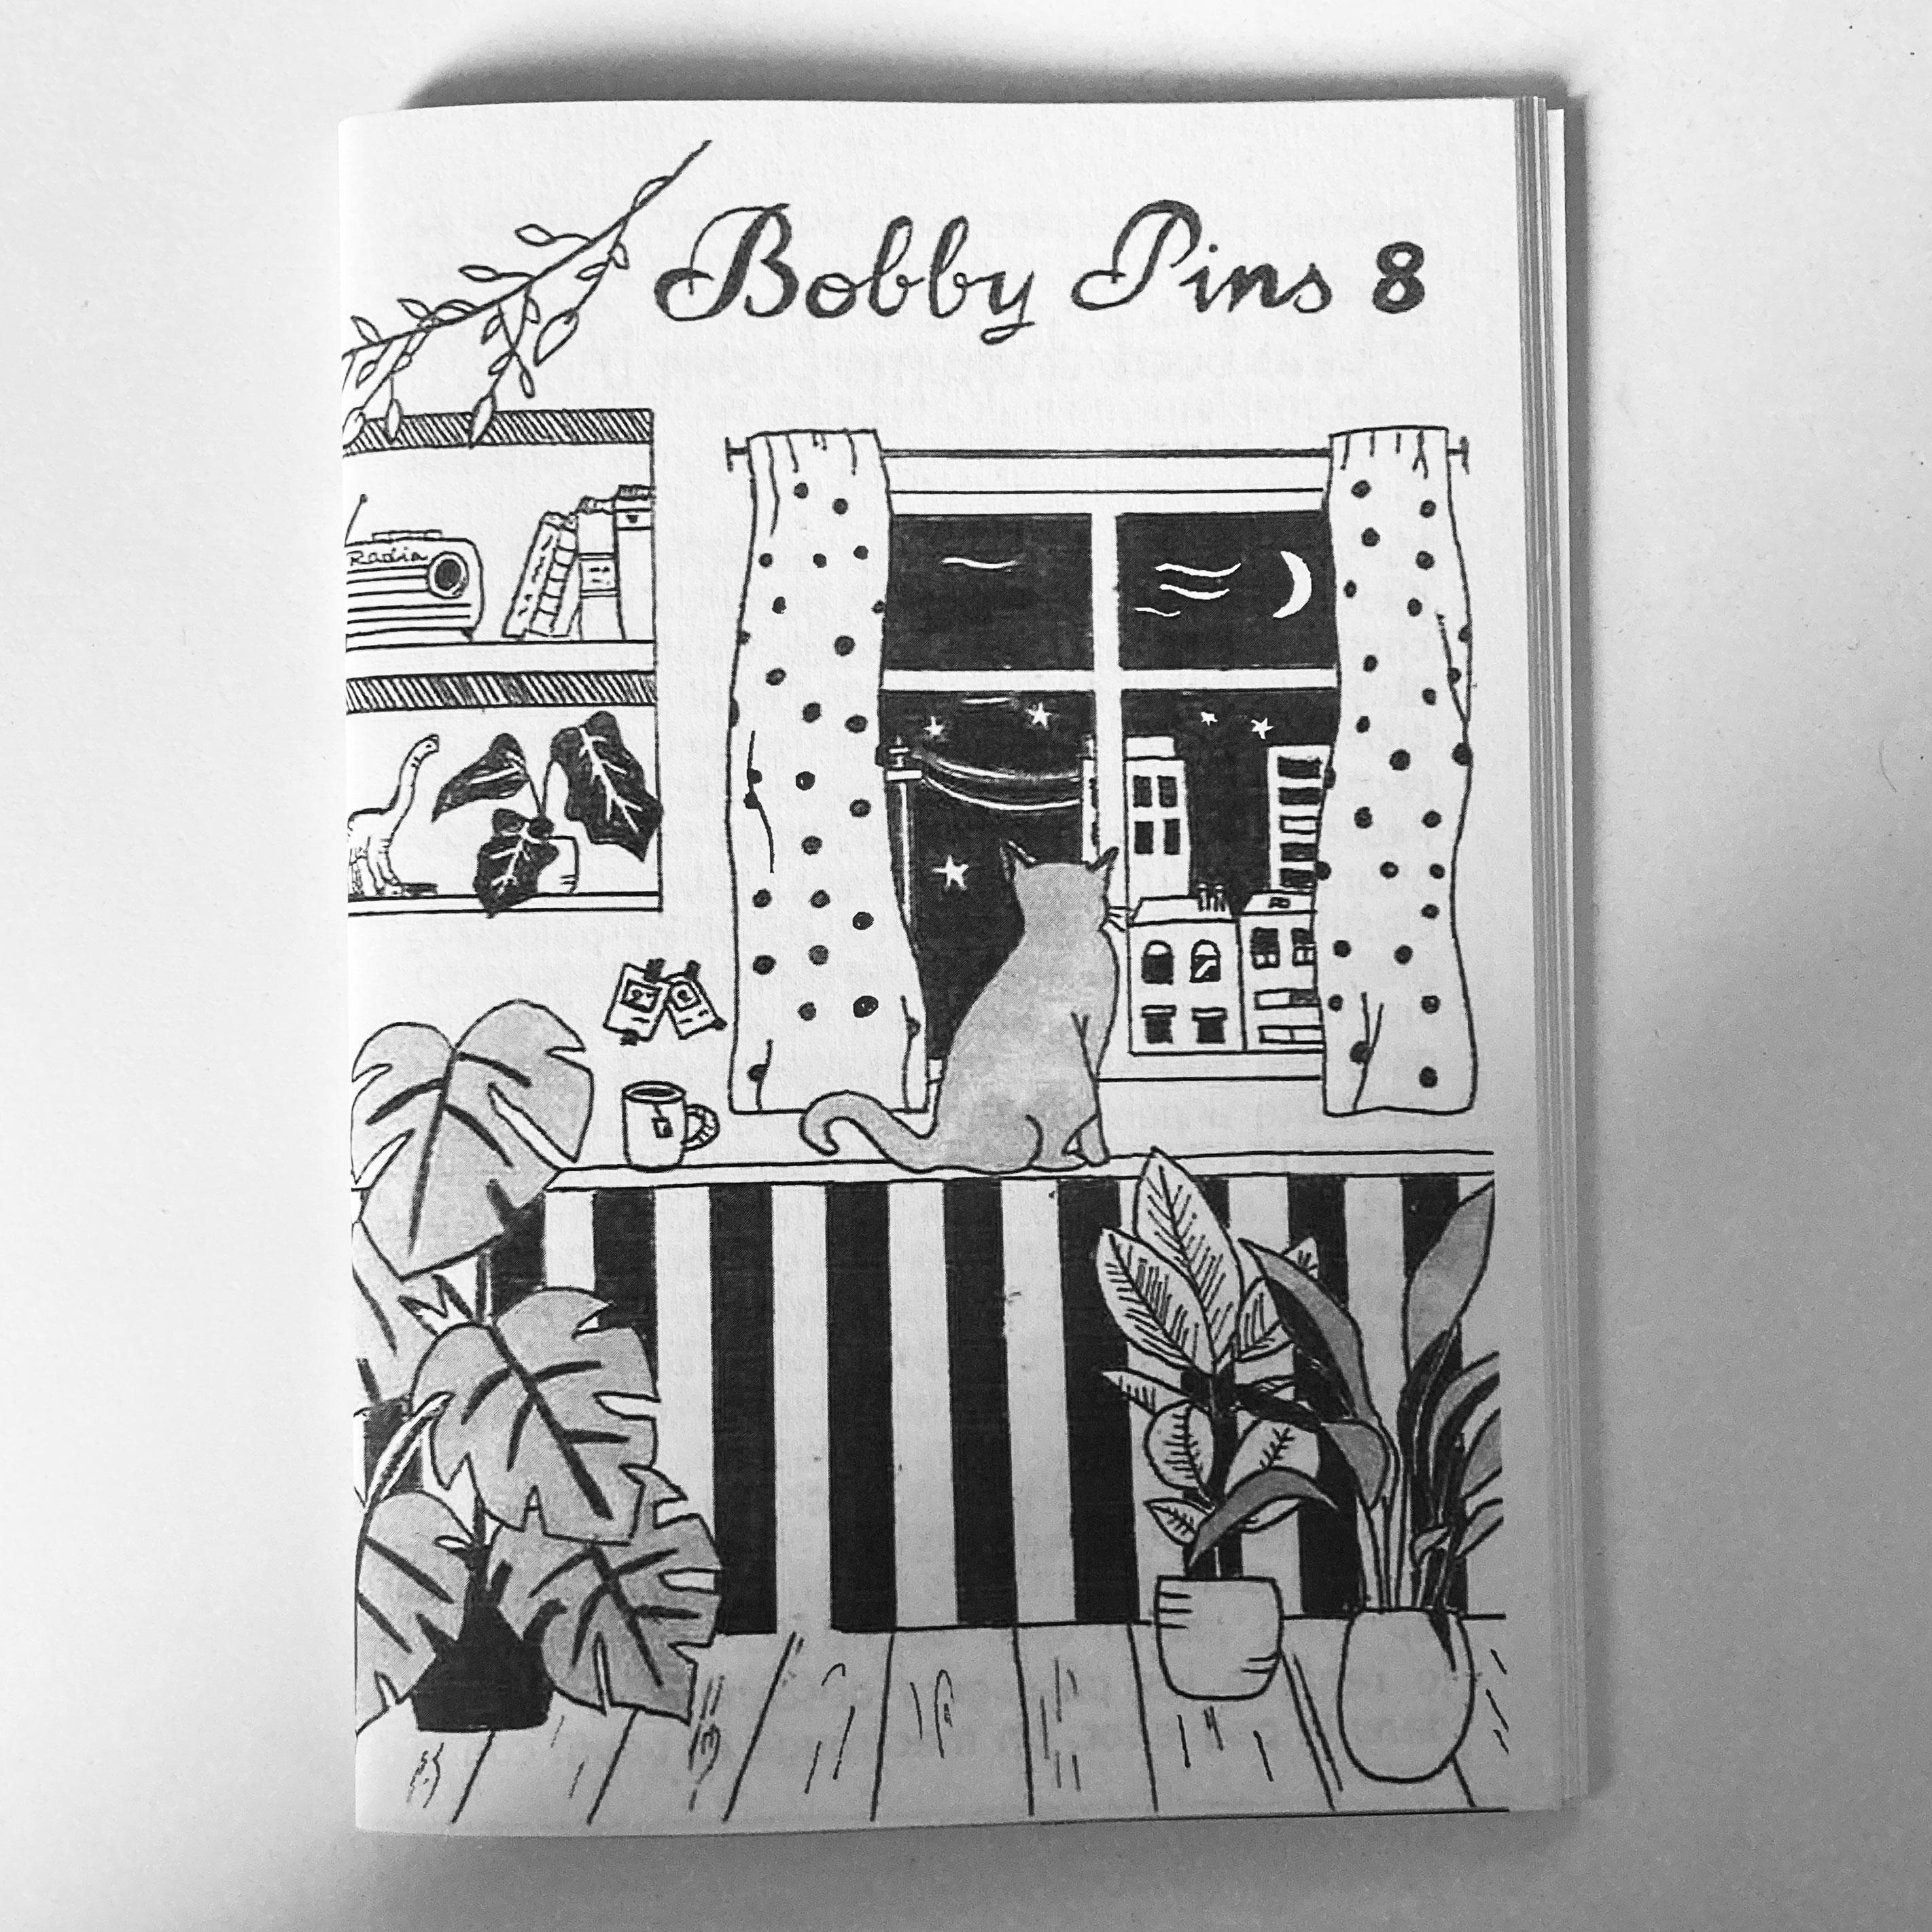 Bobby Pins #8